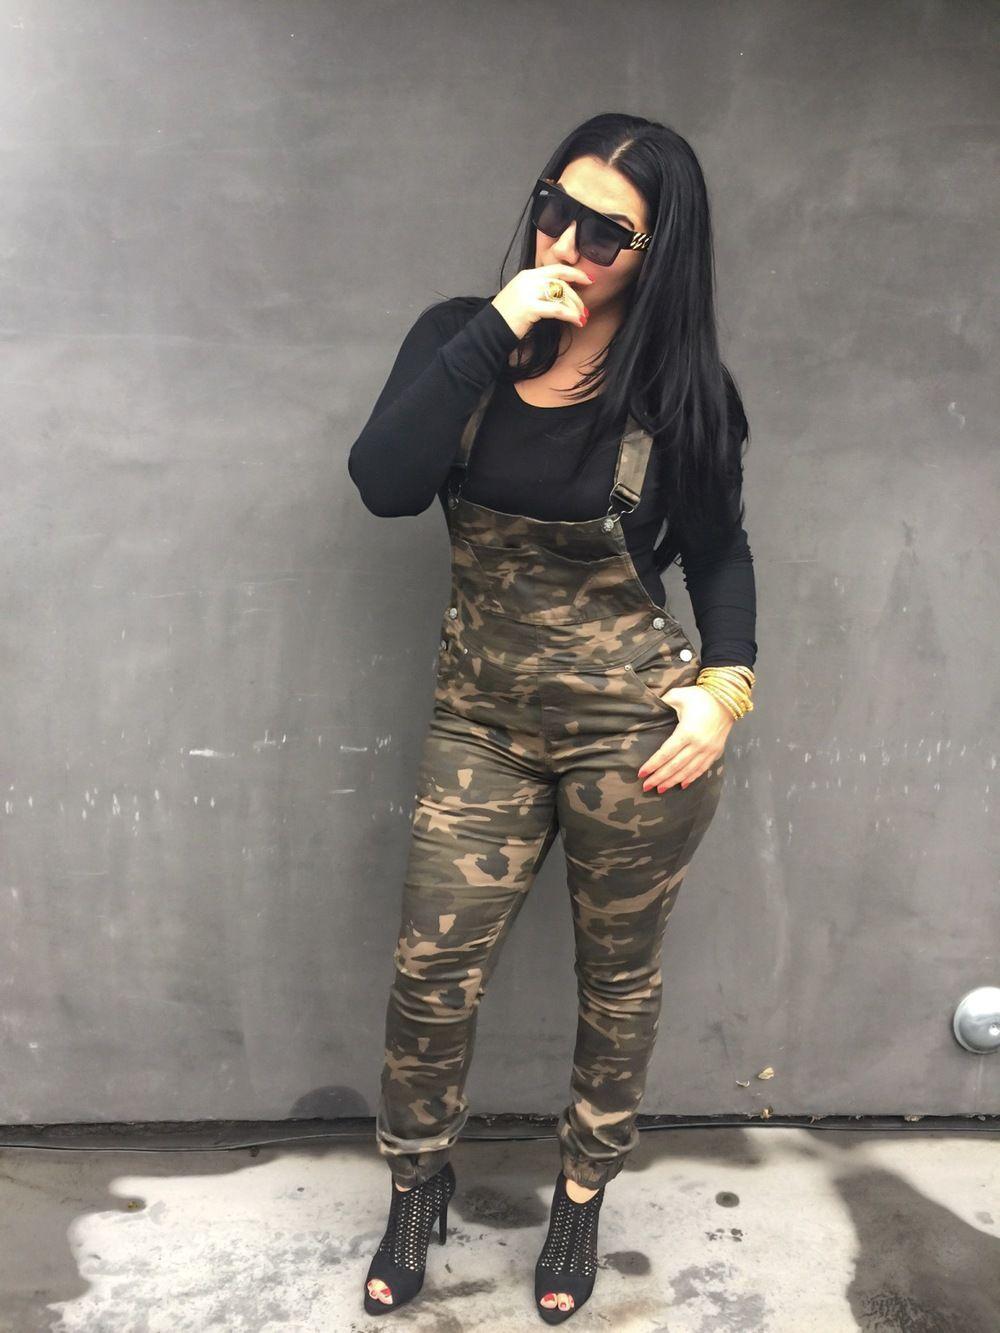 222288530044c Ciara overalls | Fashionista | Overalls fashion, Fashion, Overalls